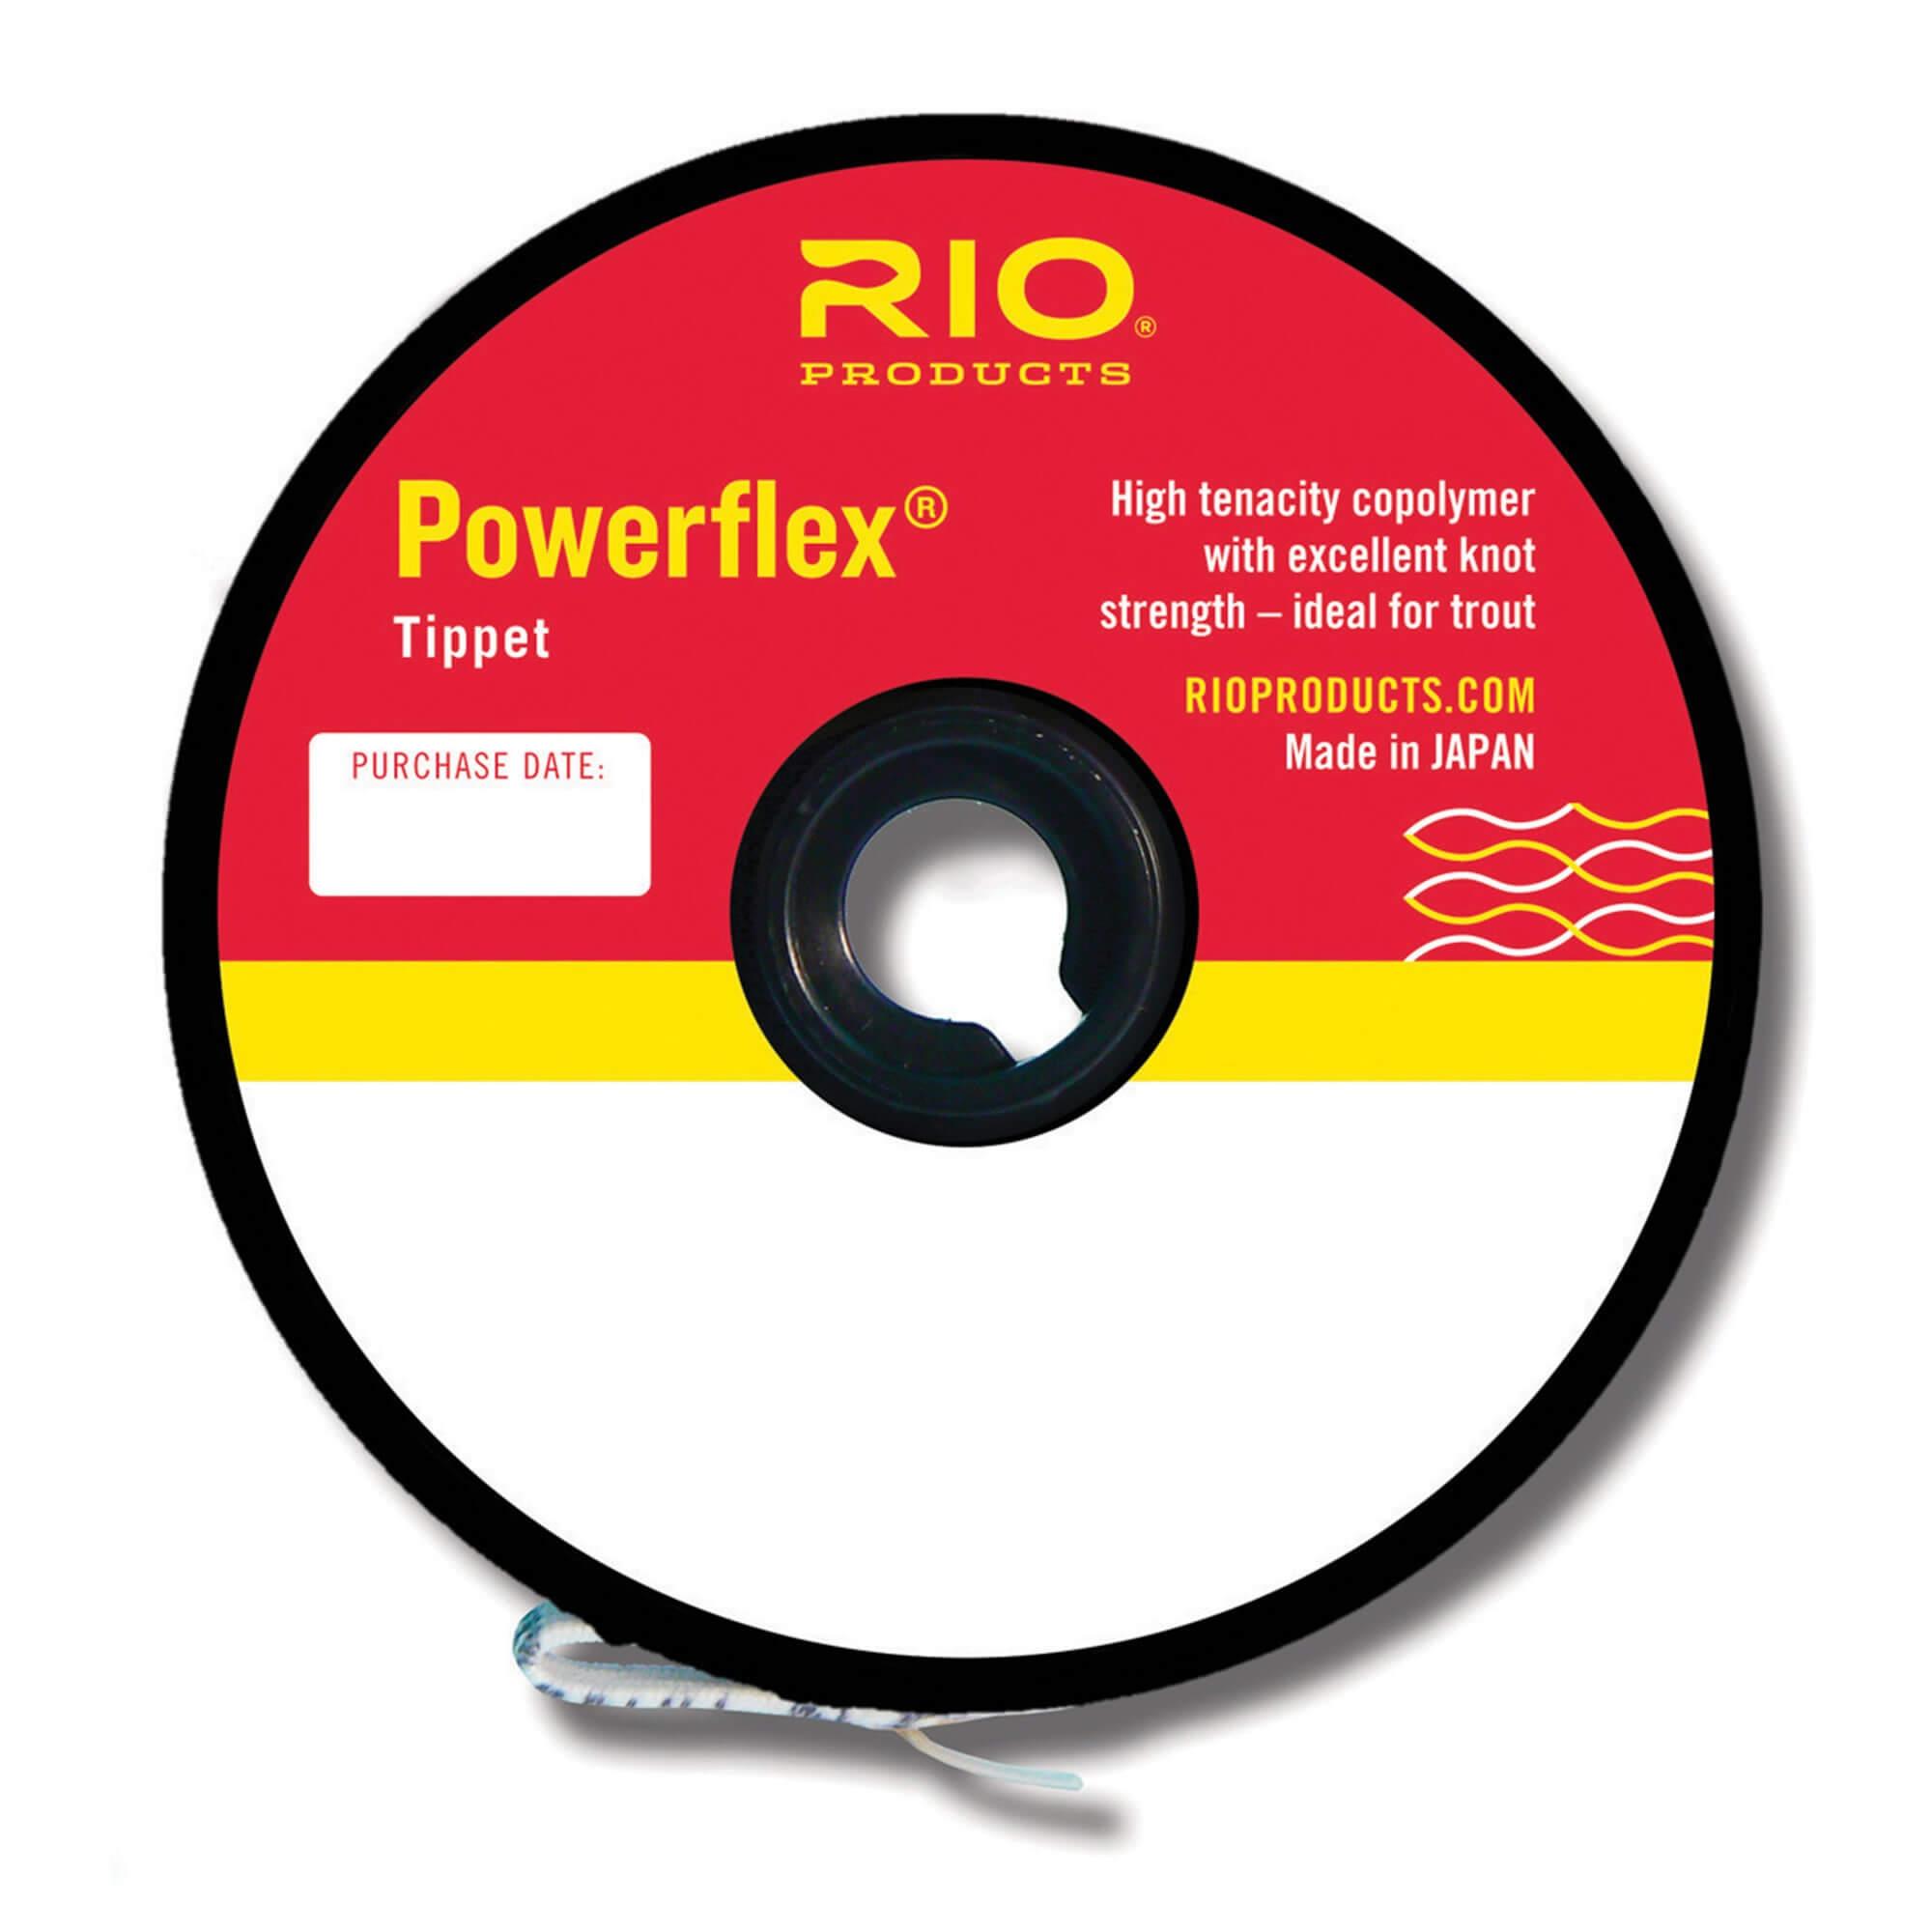 Freshwater Tippet Powerflex